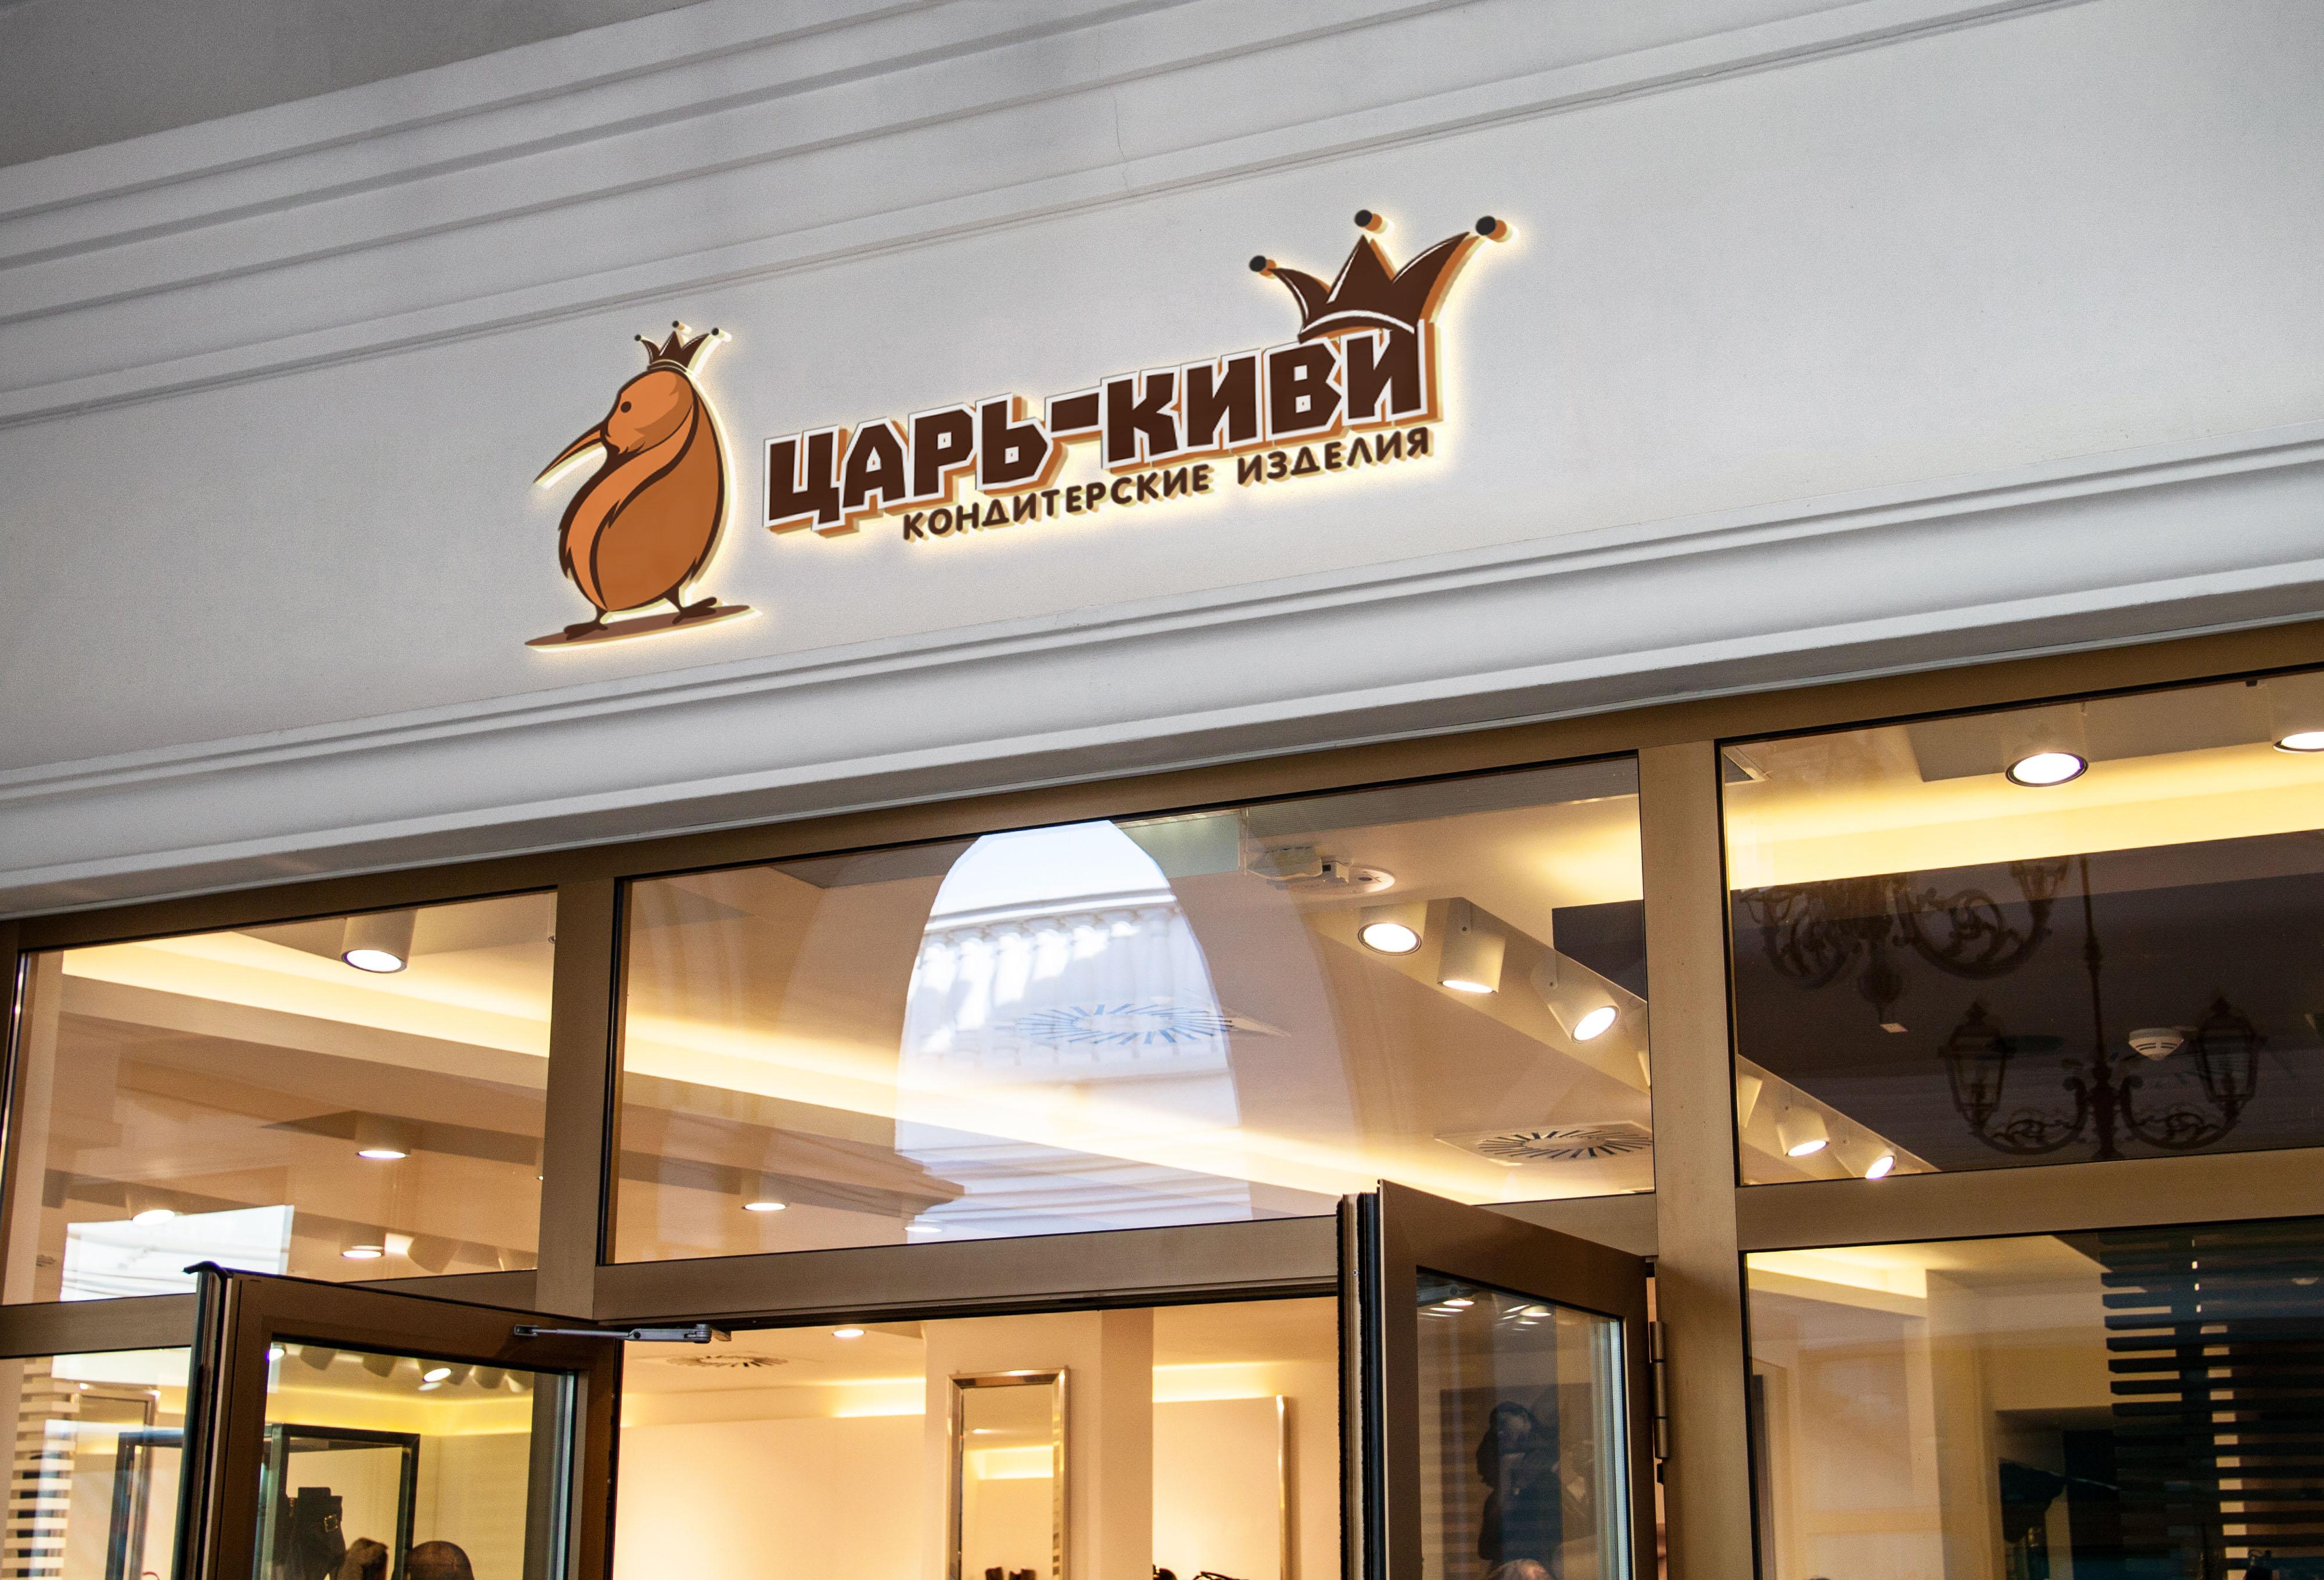 """Доработать дизайн логотипа кафе-кондитерской """"Царь-Киви"""" фото f_1195a07b5483f2d6.jpg"""